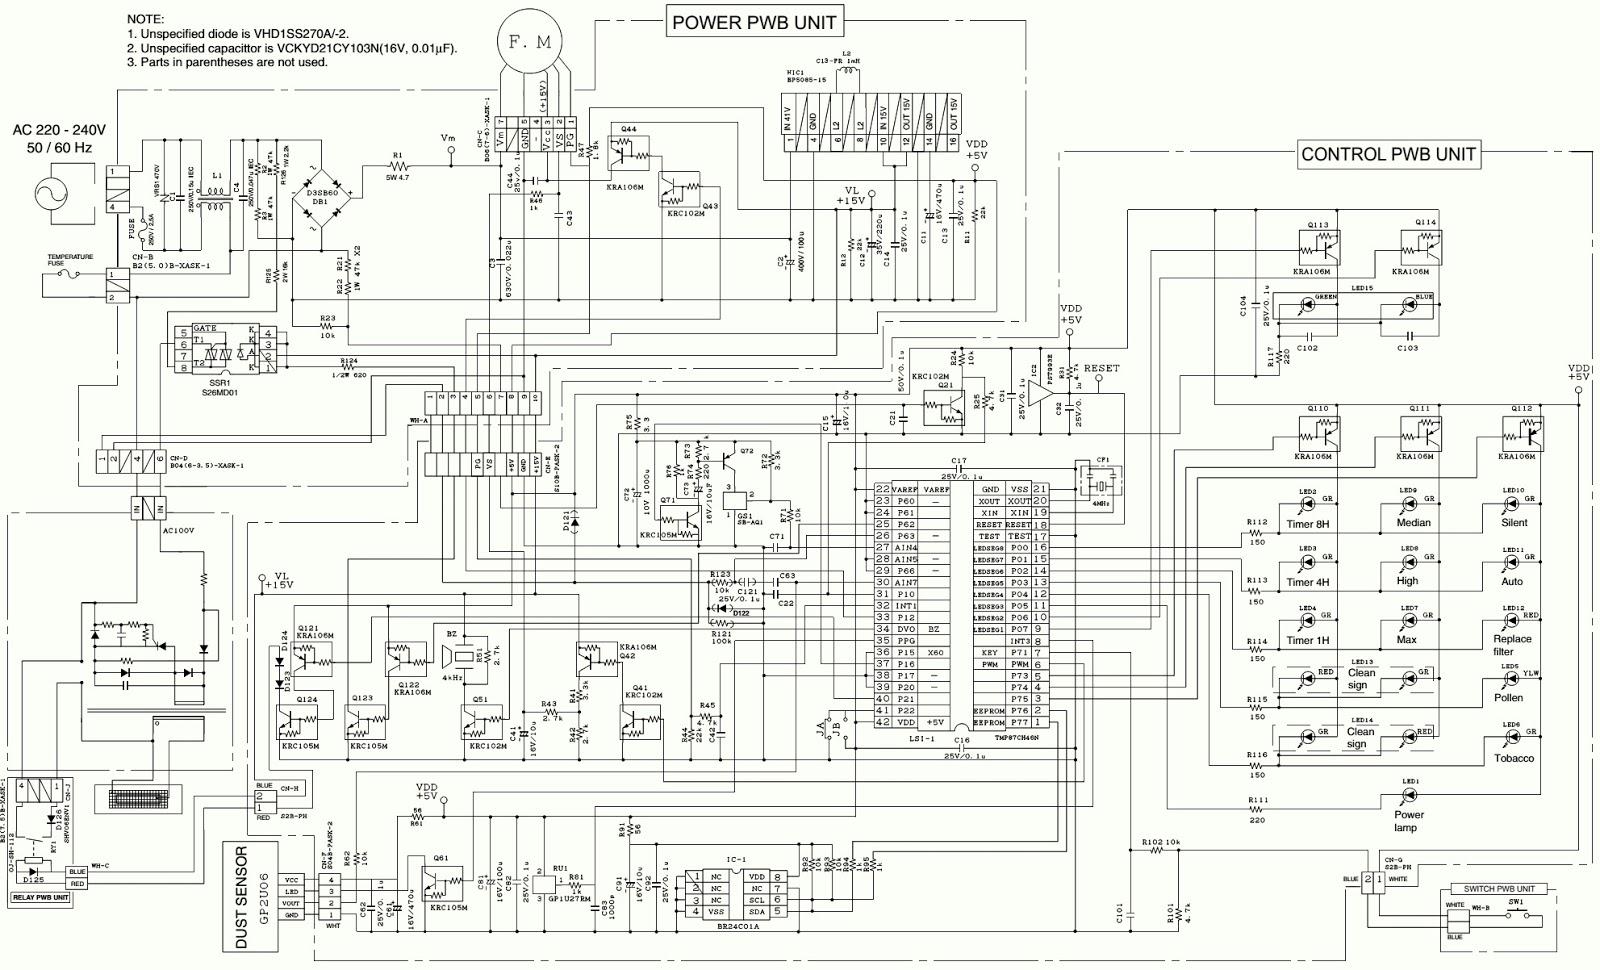 Erfreut 1976 Bmw 02 Schaltplan Fotos - Die Besten Elektrischen ...